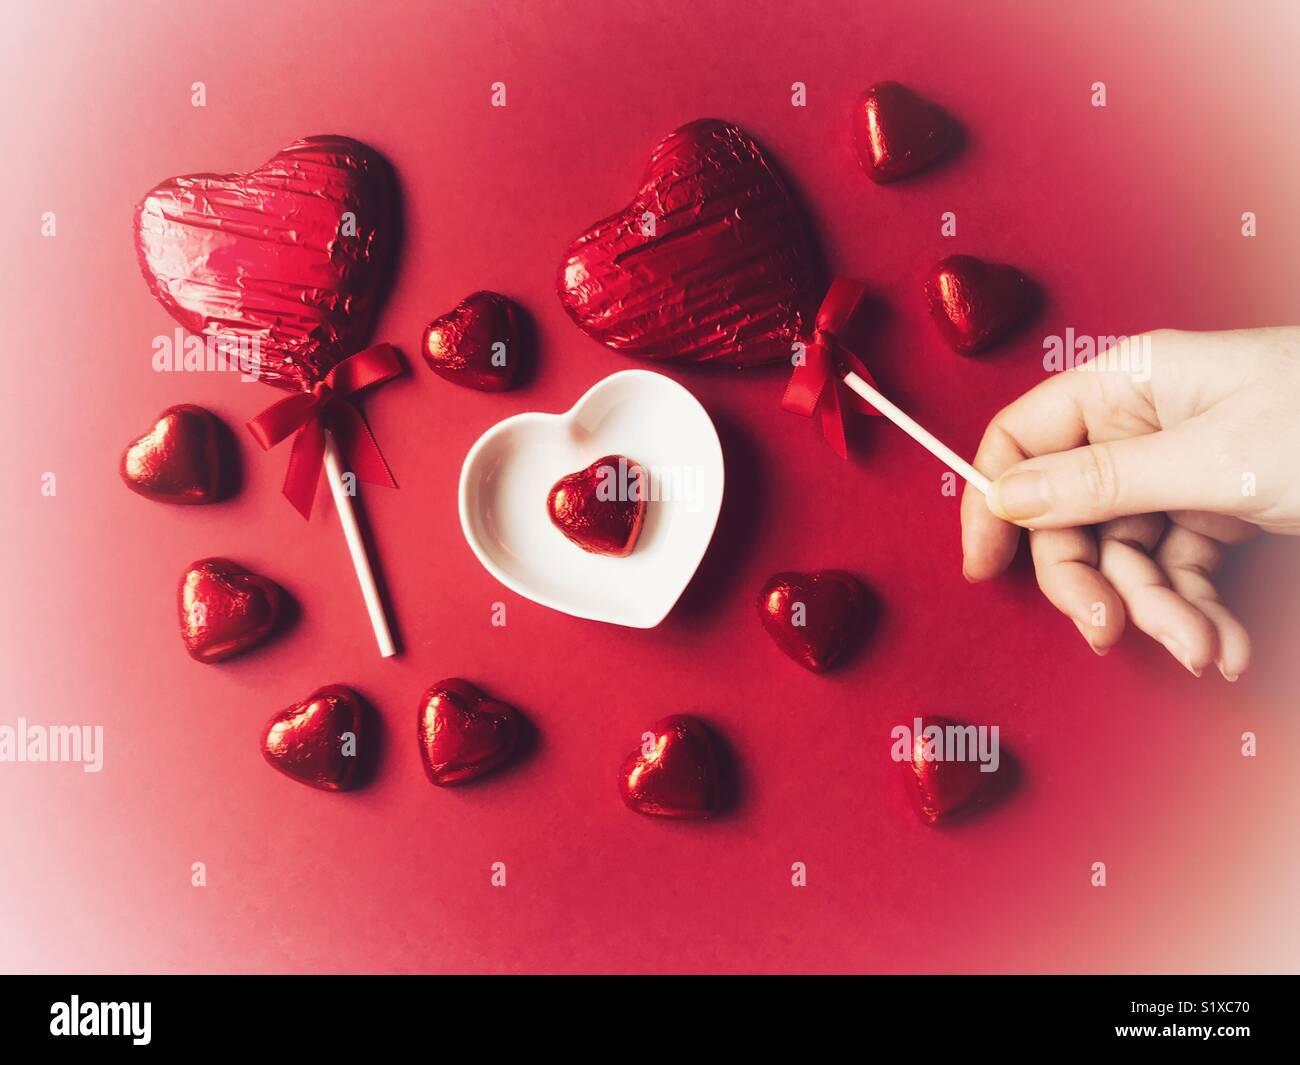 Schokolade Liebe Herzen Folie Eingewickelte